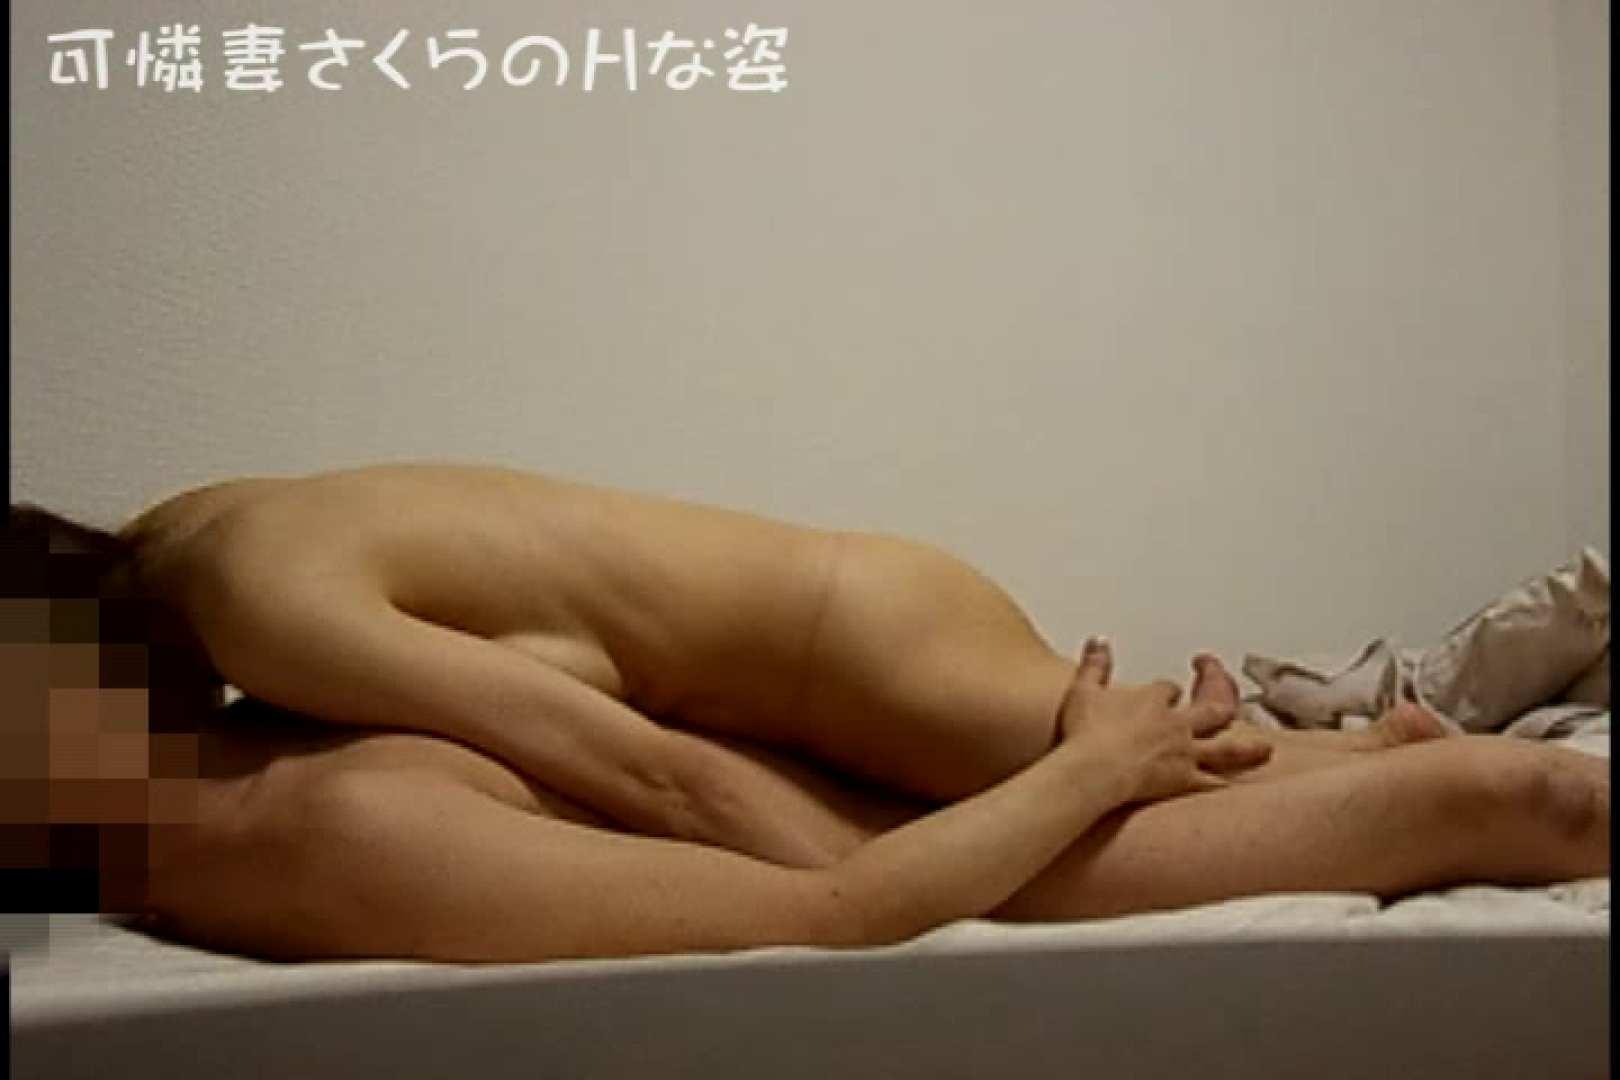 可憐妻さくらのHな姿vol.3 セックス エロ無料画像 73PIX 29